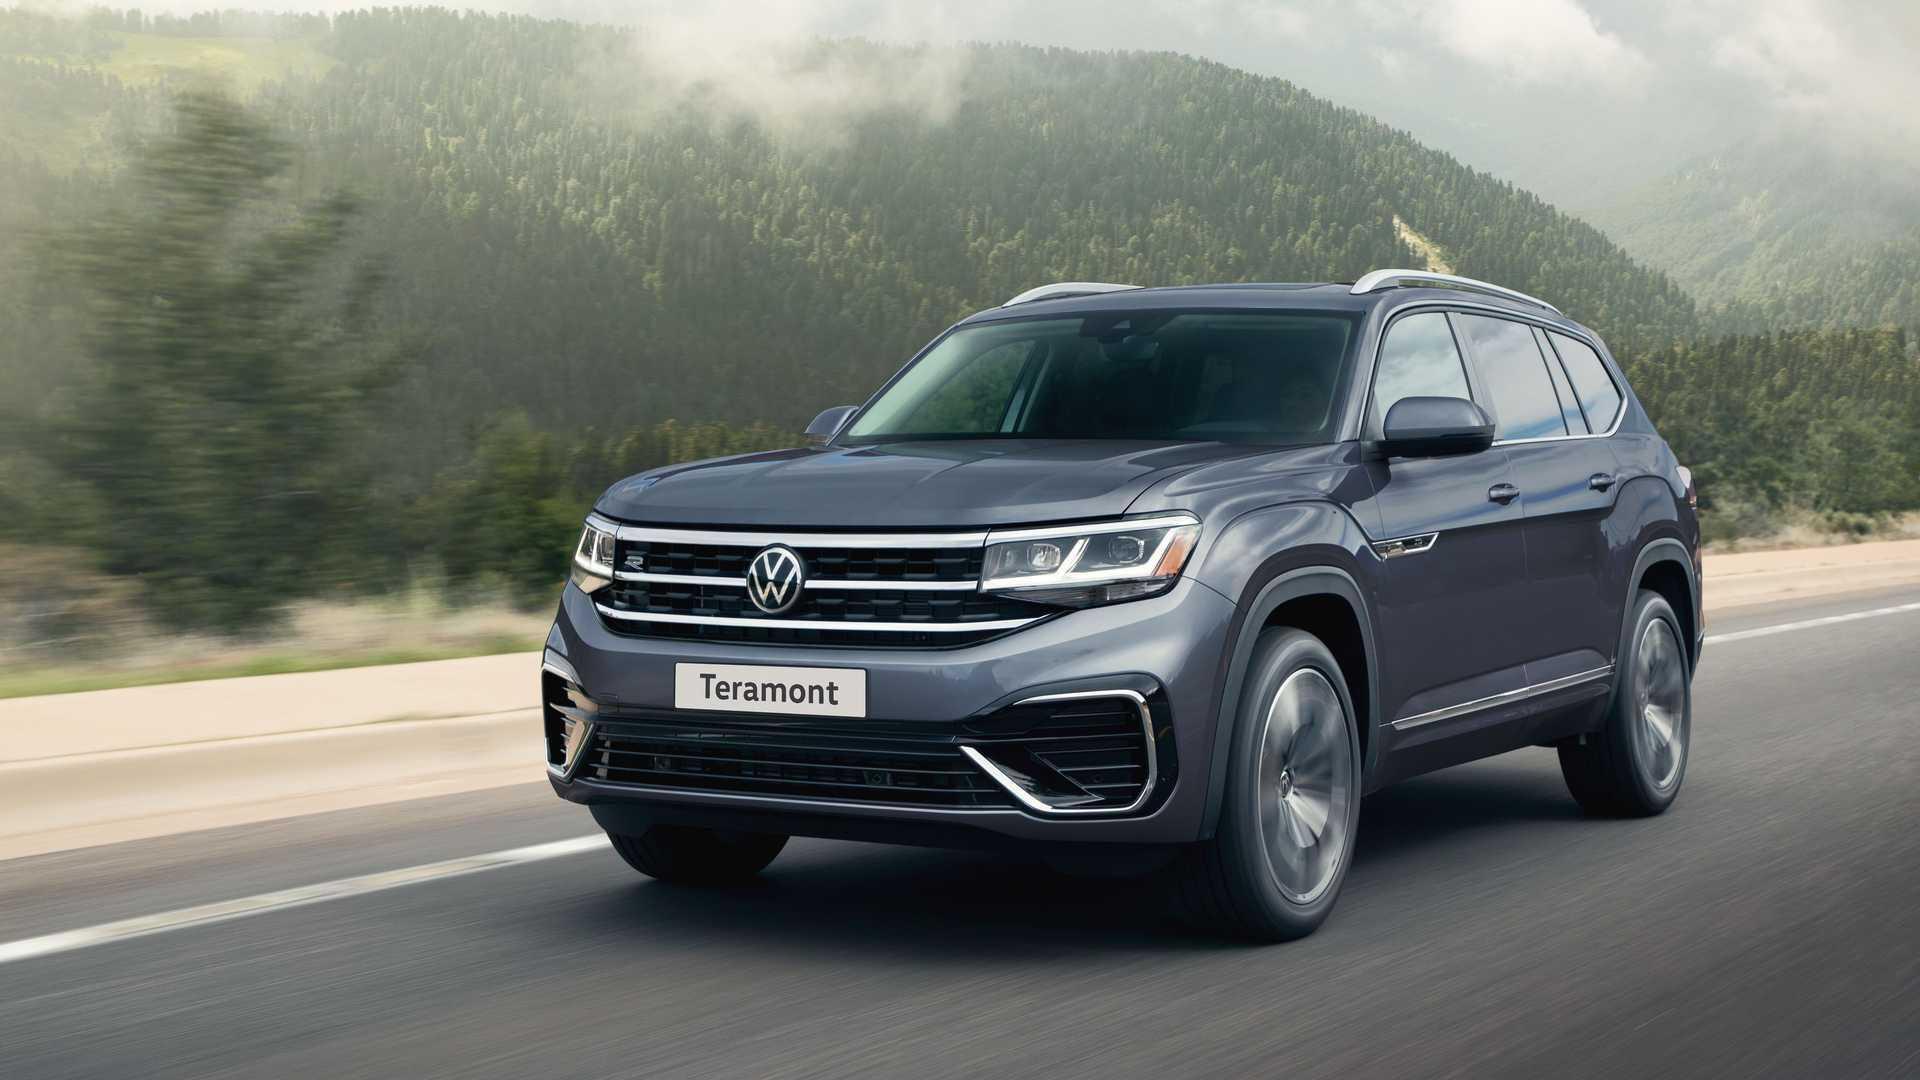 Volkswagen_Teramont_facelift_Euro-spec-0000